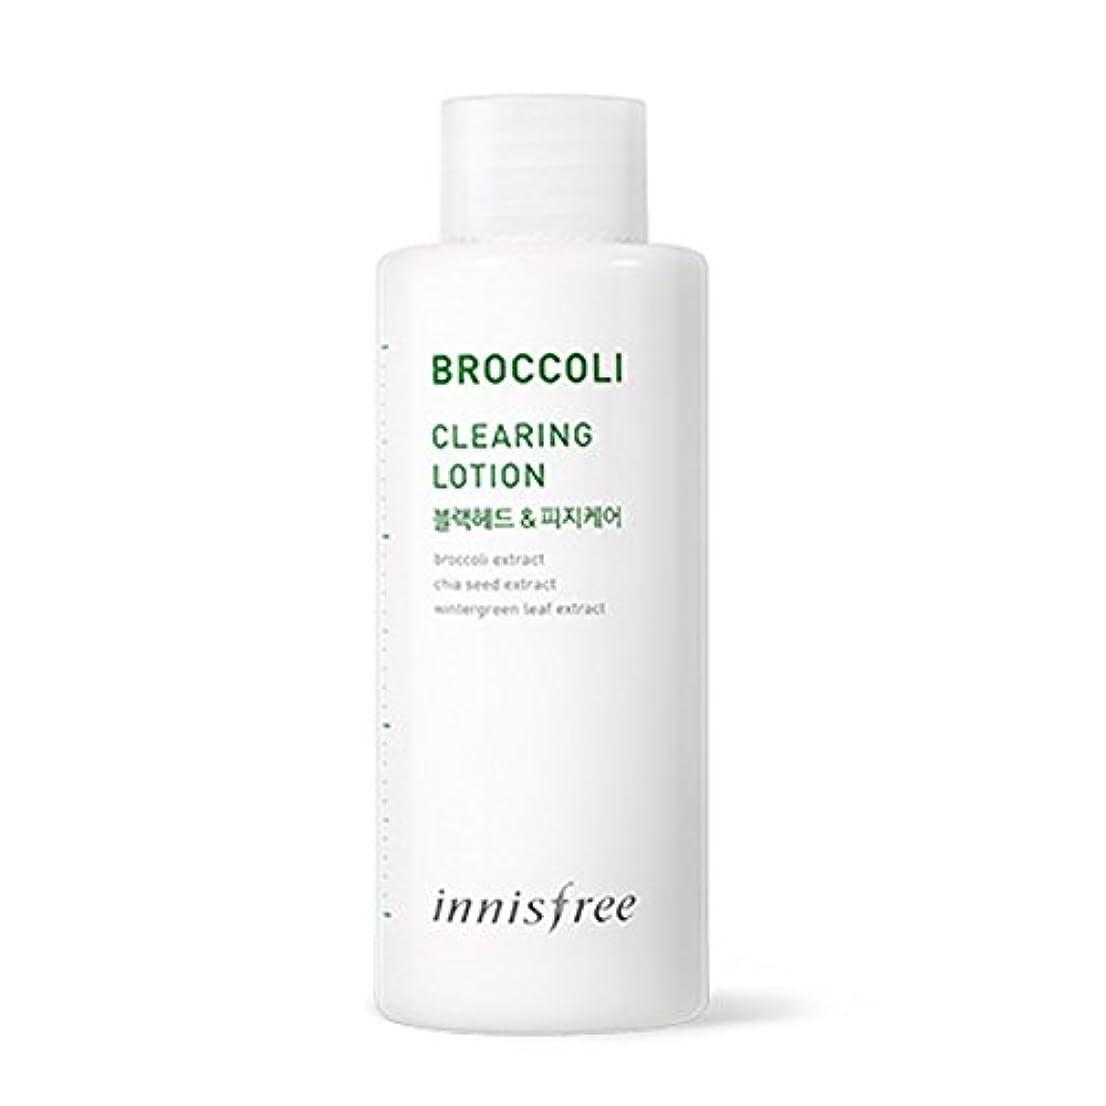 部分的に割り当てるハードリングイニスフリーブロッコリークリアリングローション(エマルジョン)130ml Innisfree Broccoli Clearing Lotion(Emulsion) 130ml [海外直送品][並行輸入品]